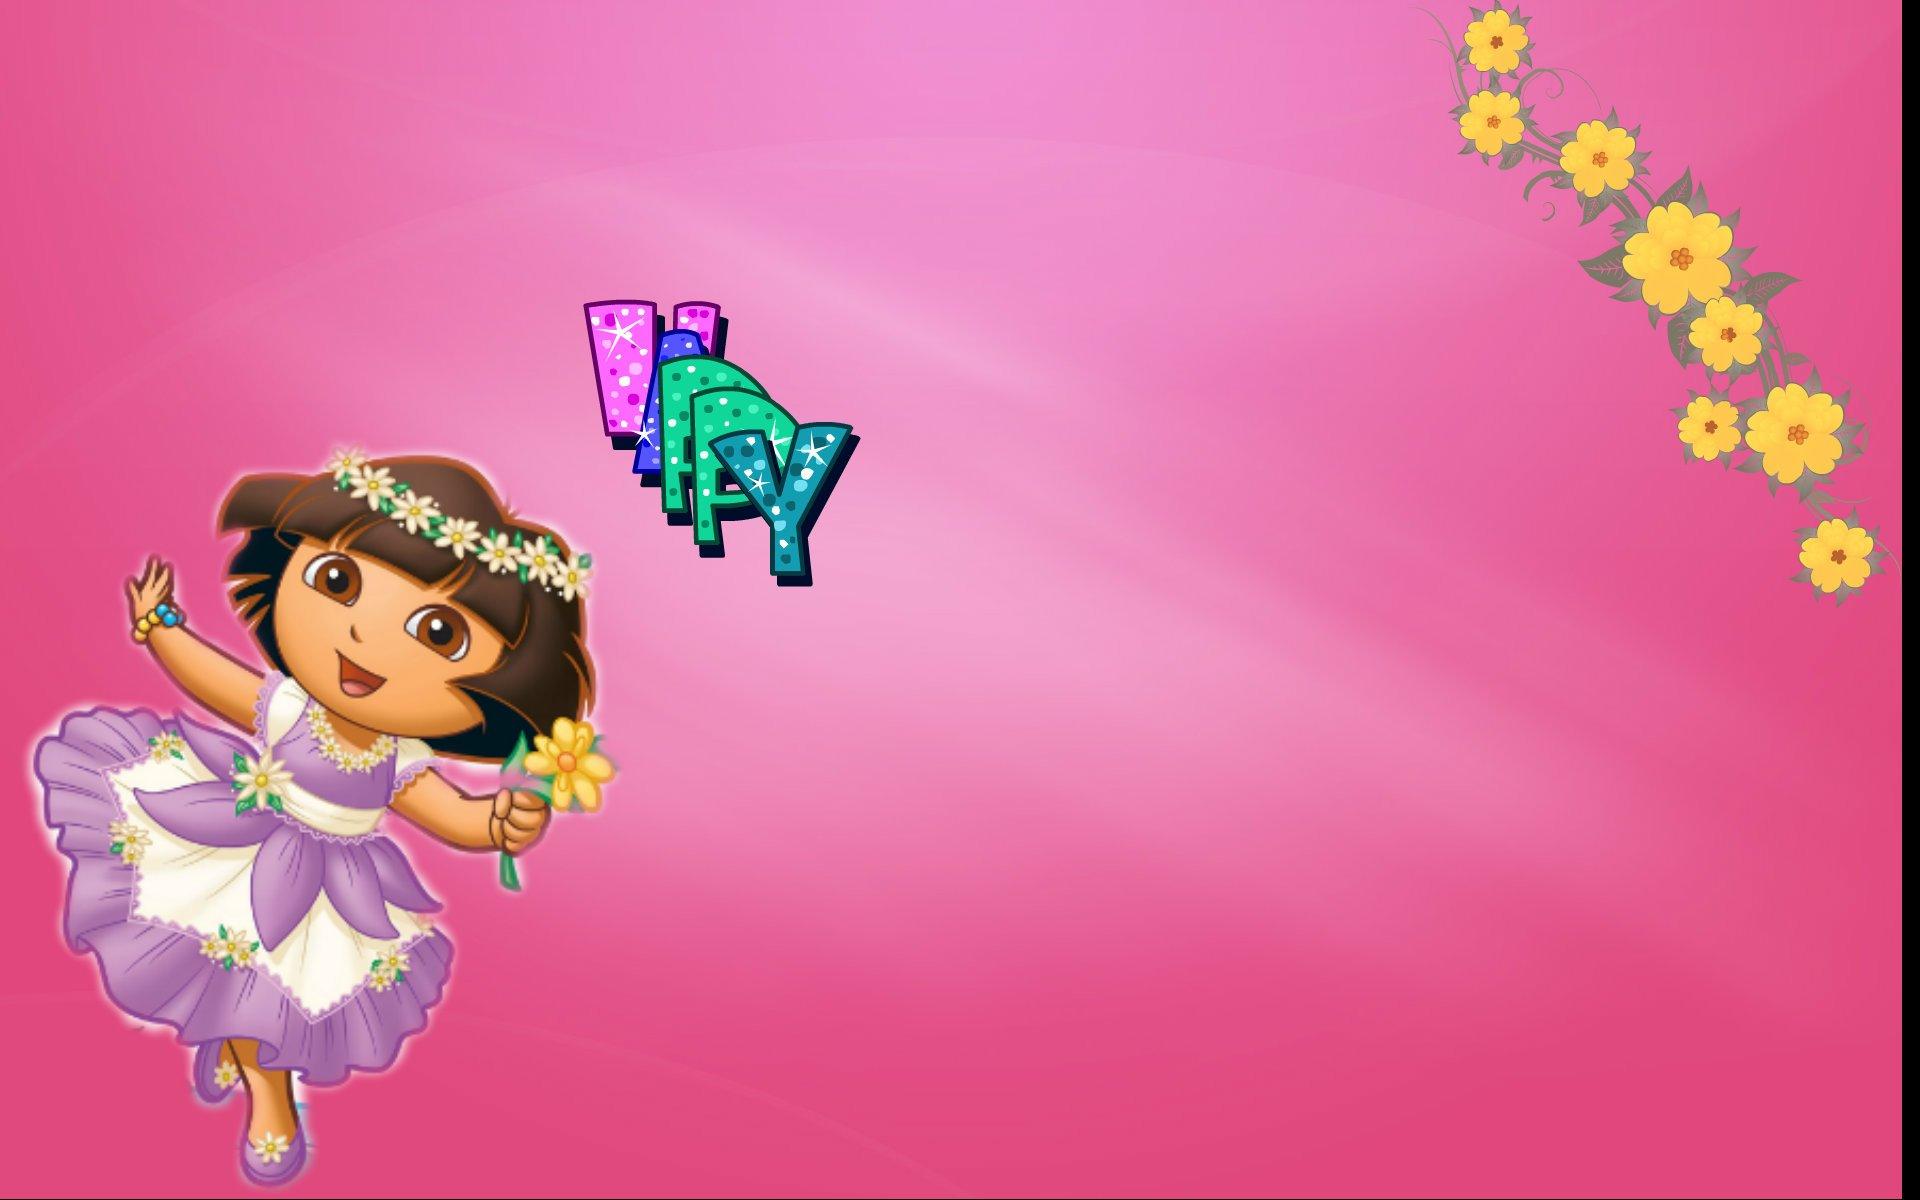 Cute Spongebob Wallpaper Dora Backgrounds Download Pixelstalk Net